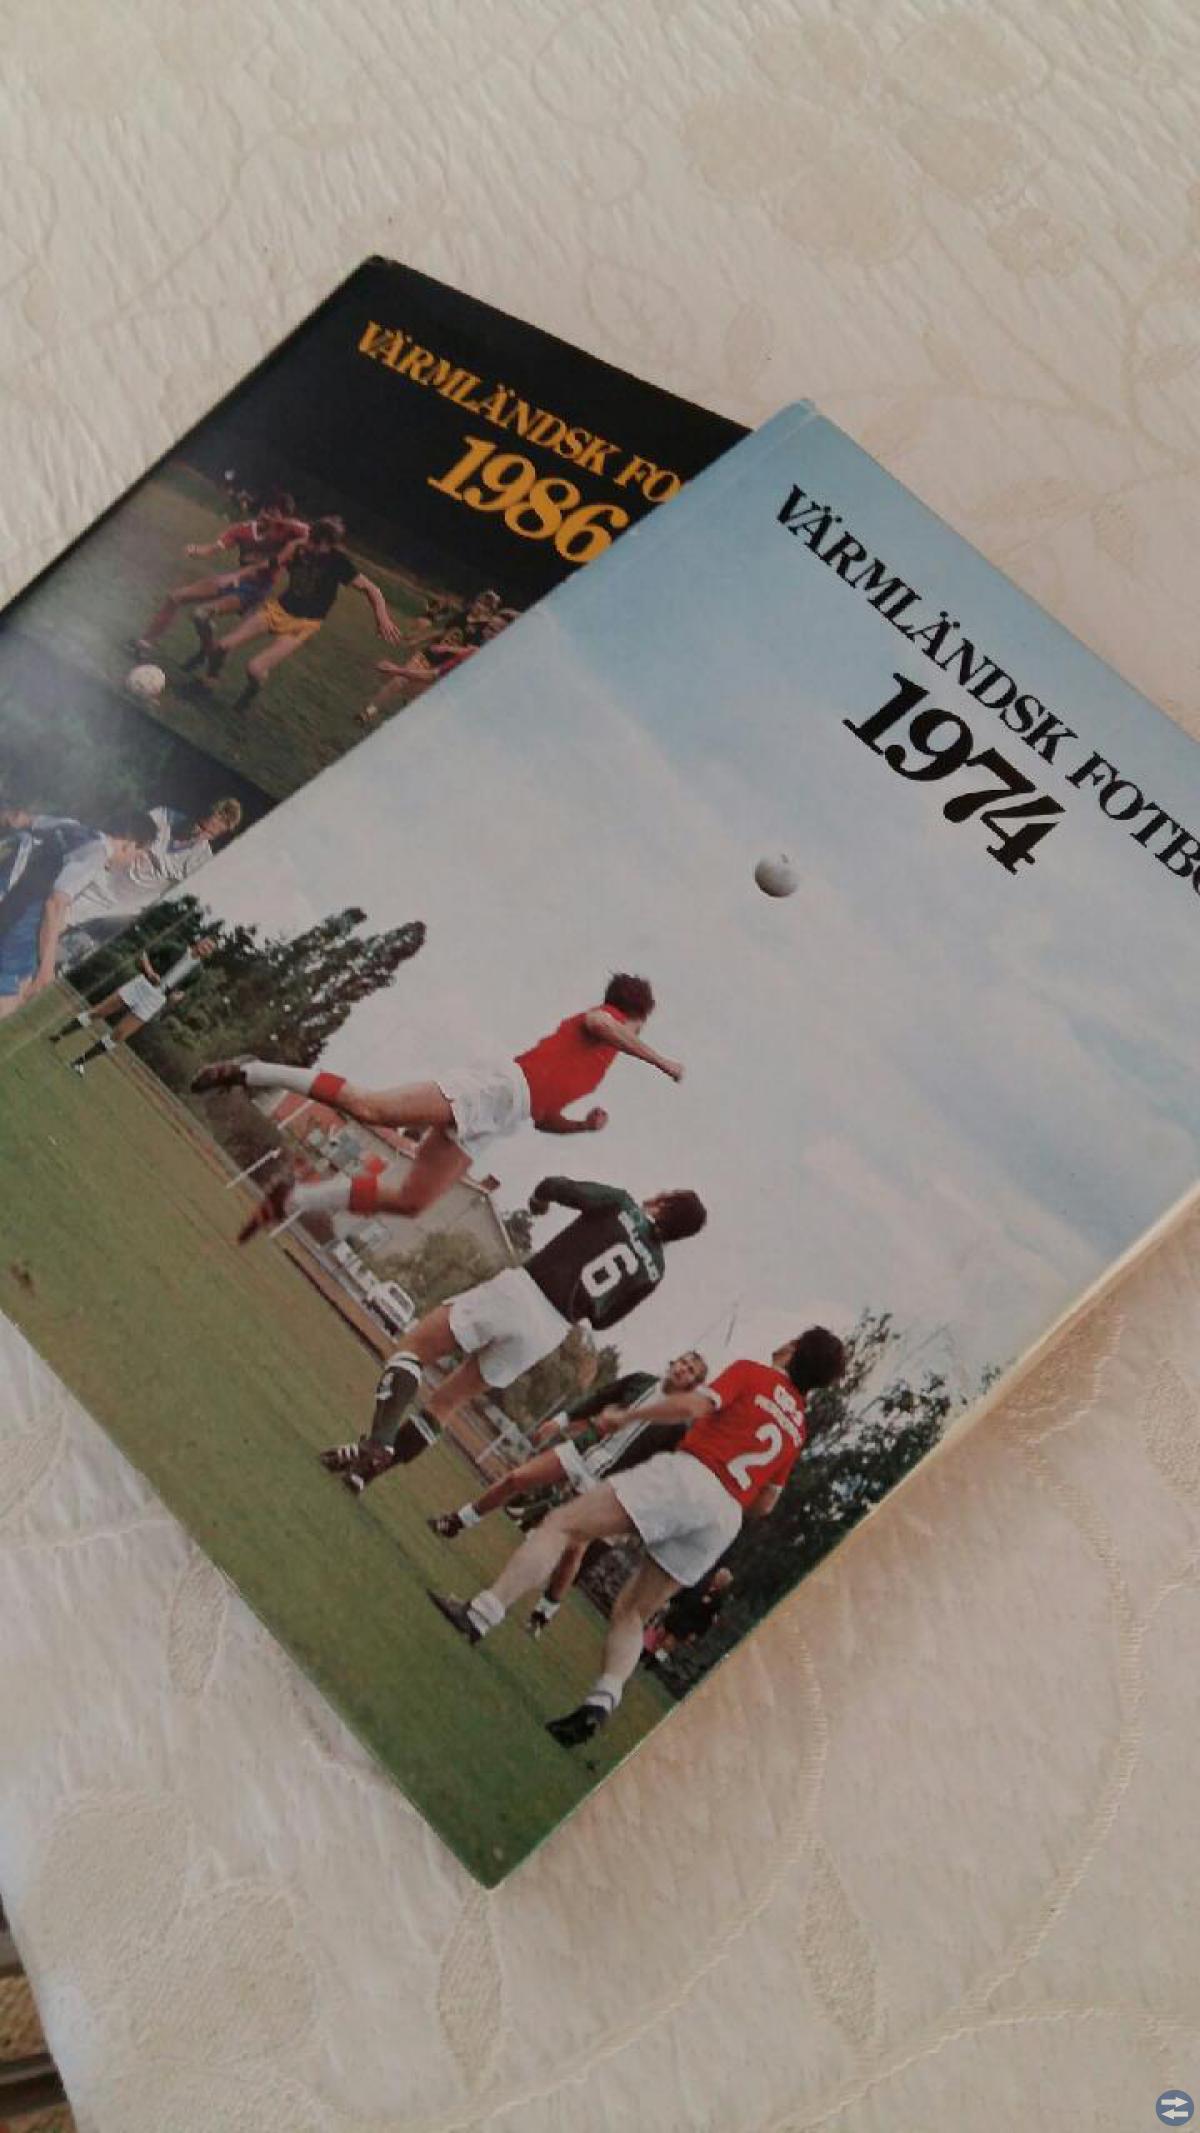 Värmländsk fotboll 1974-1986 -totalt 13 böcker